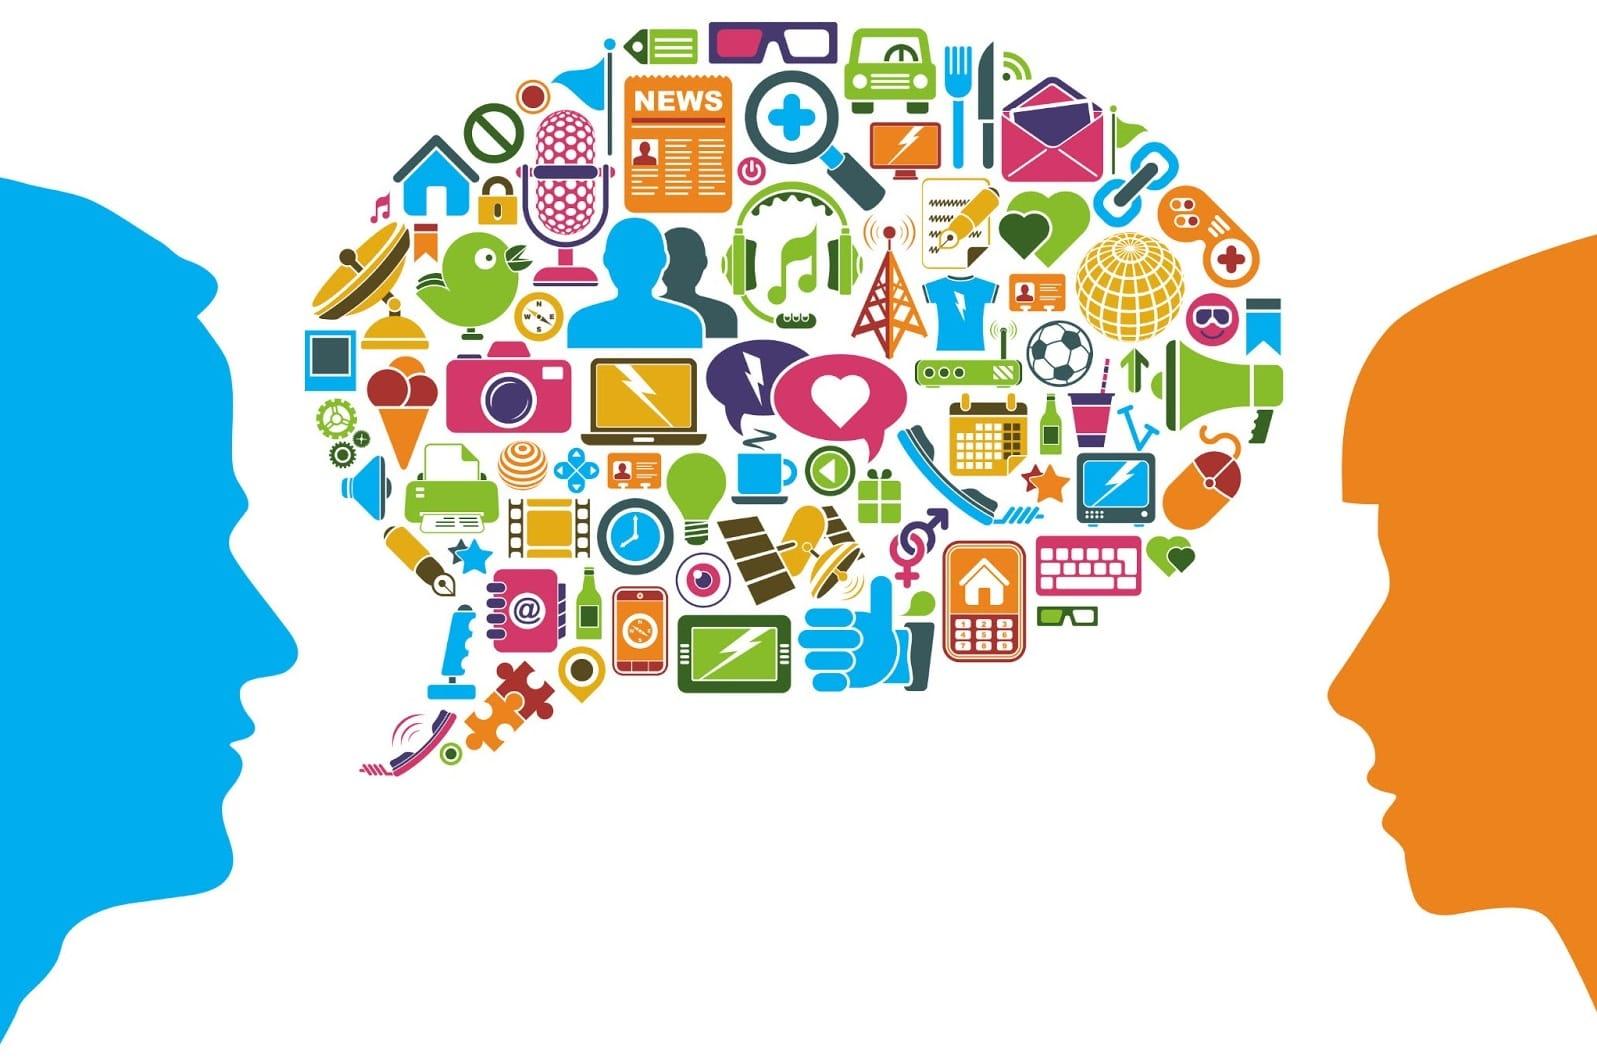 3 clés essentielles pour une stratégie de communication percutante